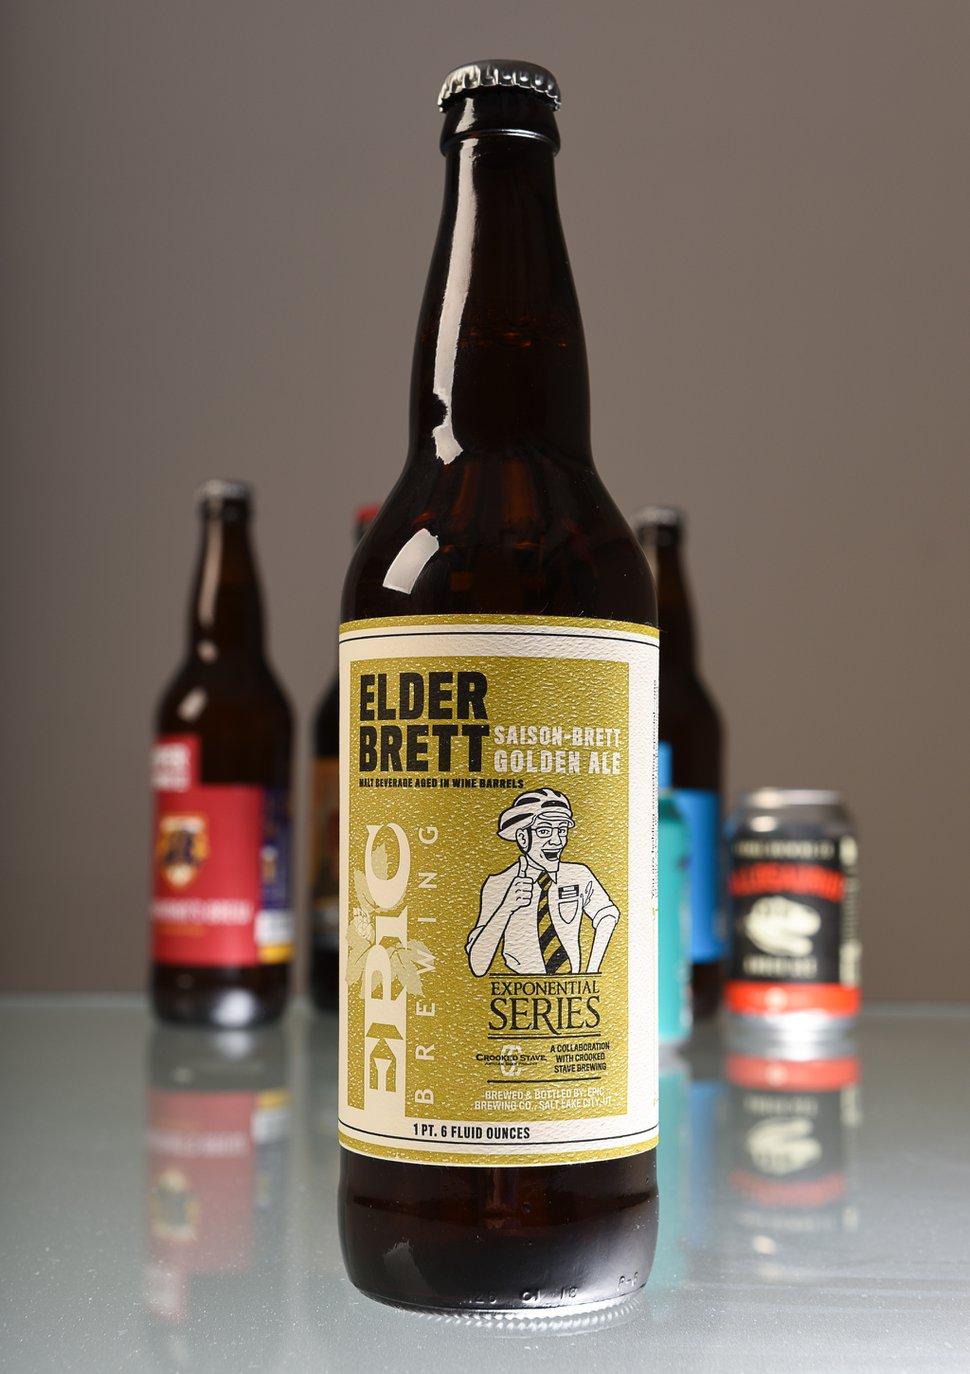 (Francisco Kjolseth | The Salt Lake Tribune) Utah's best beer names. Elder Brett, saison-brett golden ale by Epic brewery.